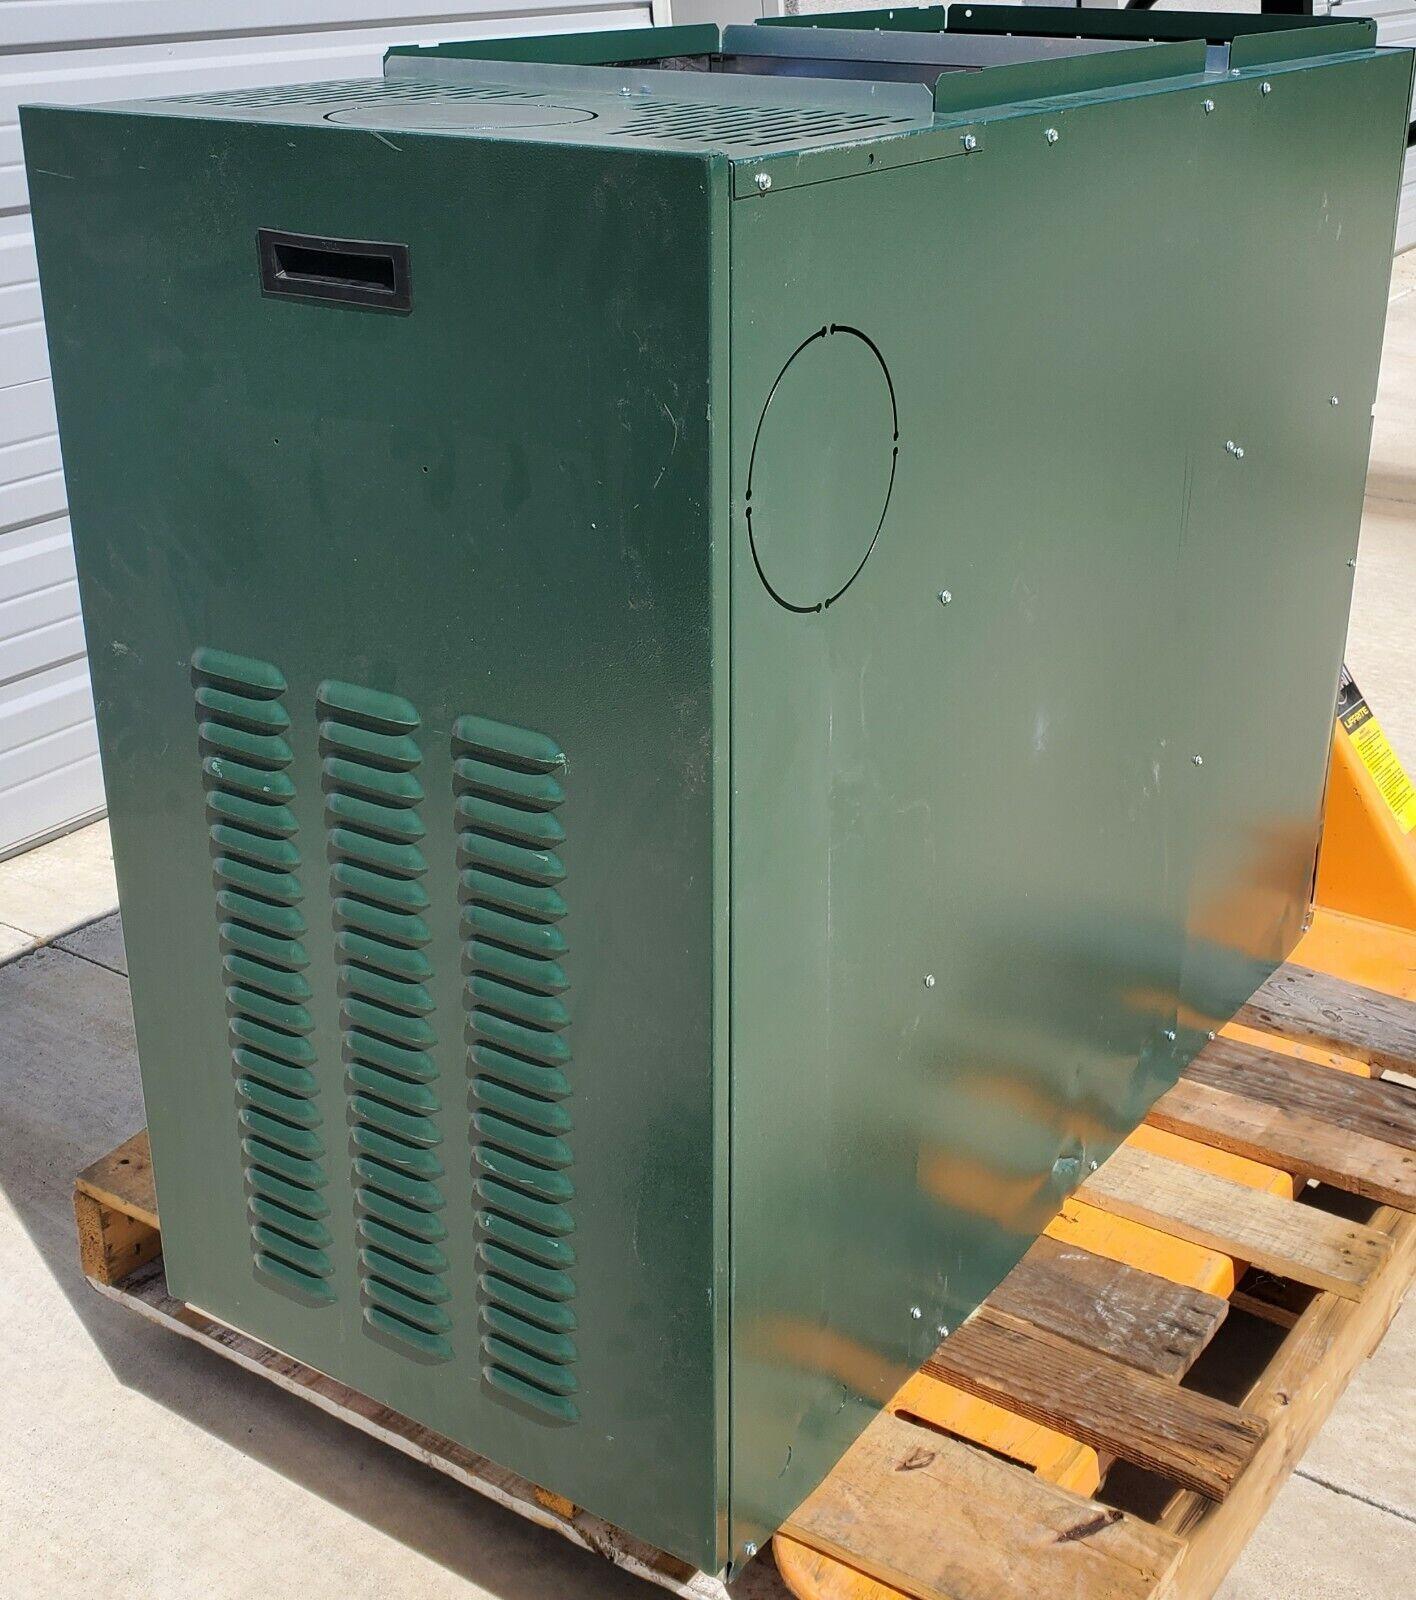 Williamson High Efficiency Oil Fired Warm Air Furnace Low Boy  CLB-140-DD-F-ST for sale online | eBay eBay